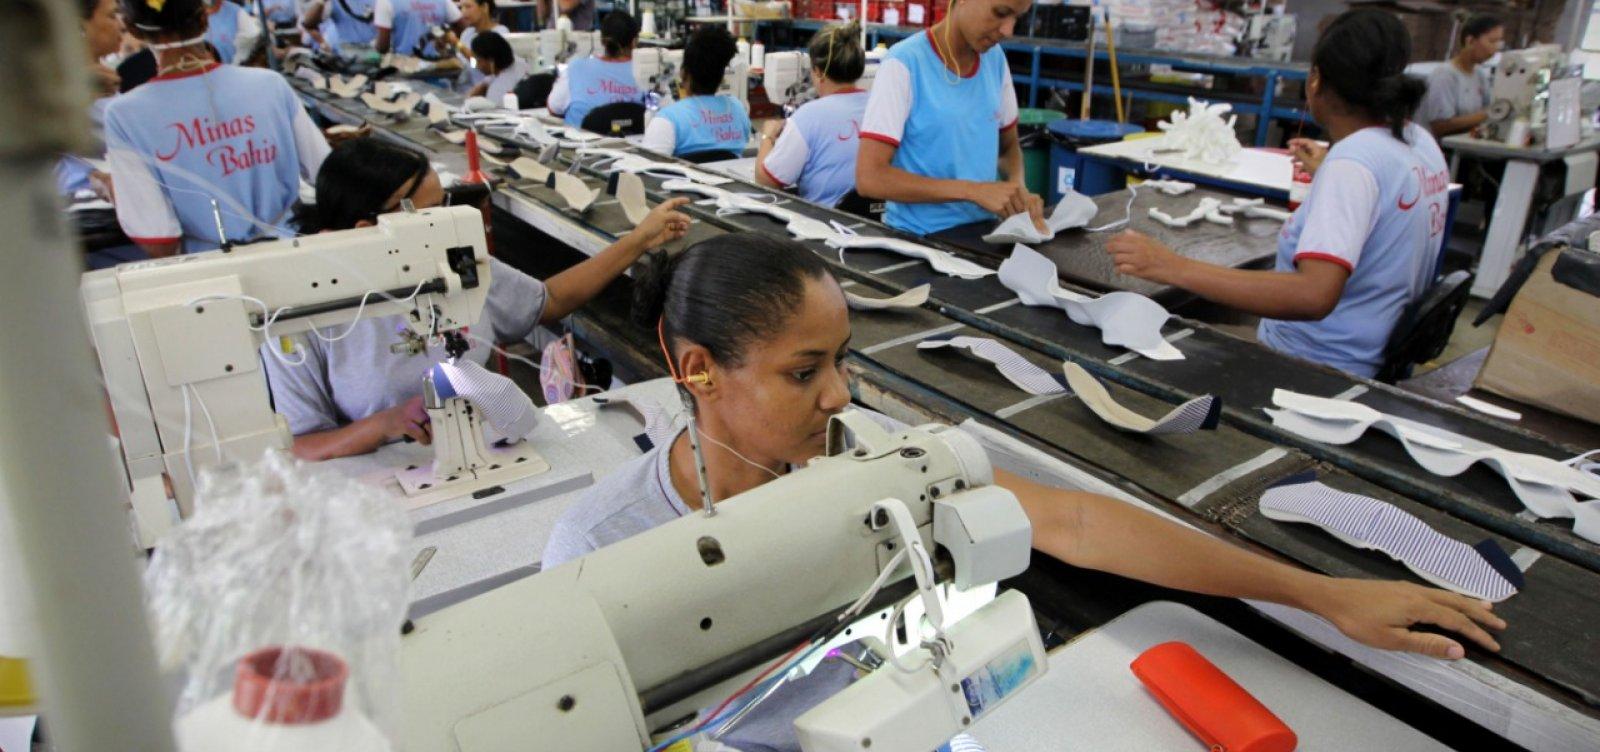 [Retomada da atividade industrial eleva empregos na Bahia, diz SDE]